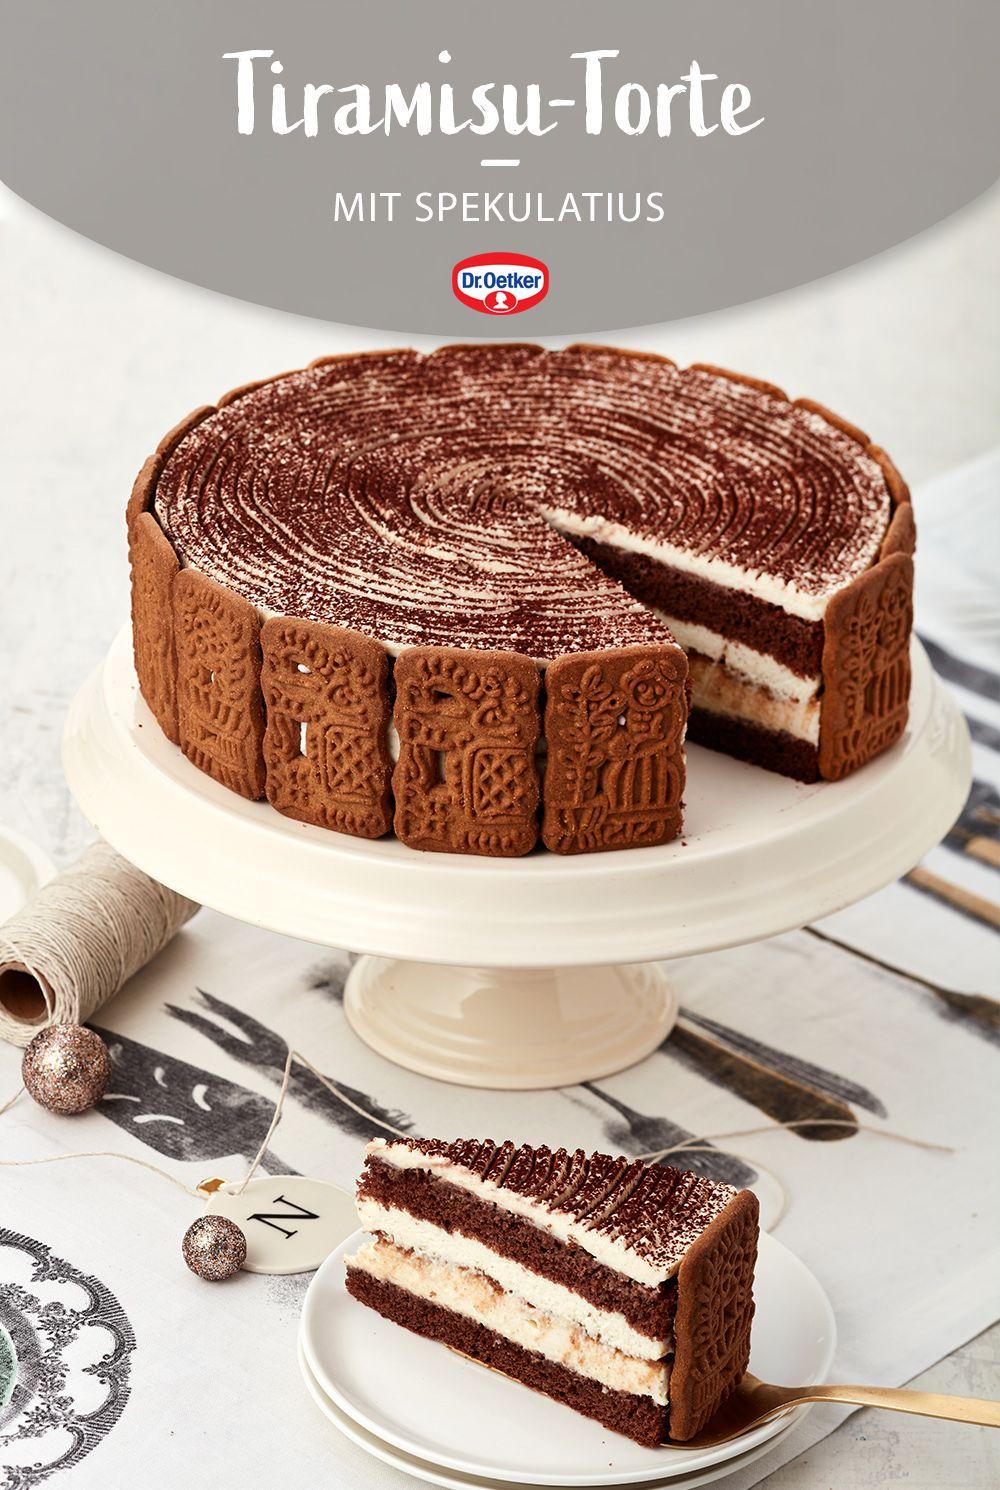 Beliebte Klassiker, perfekt kombiniert: Eine cremige Torte mit Spekulatius, dunklem Biskuit, Mascarpone und Amaretto wird zum Lieblingsgebäck zu Weihnachten. #Weihnachtstorte #Dessert #Rezept